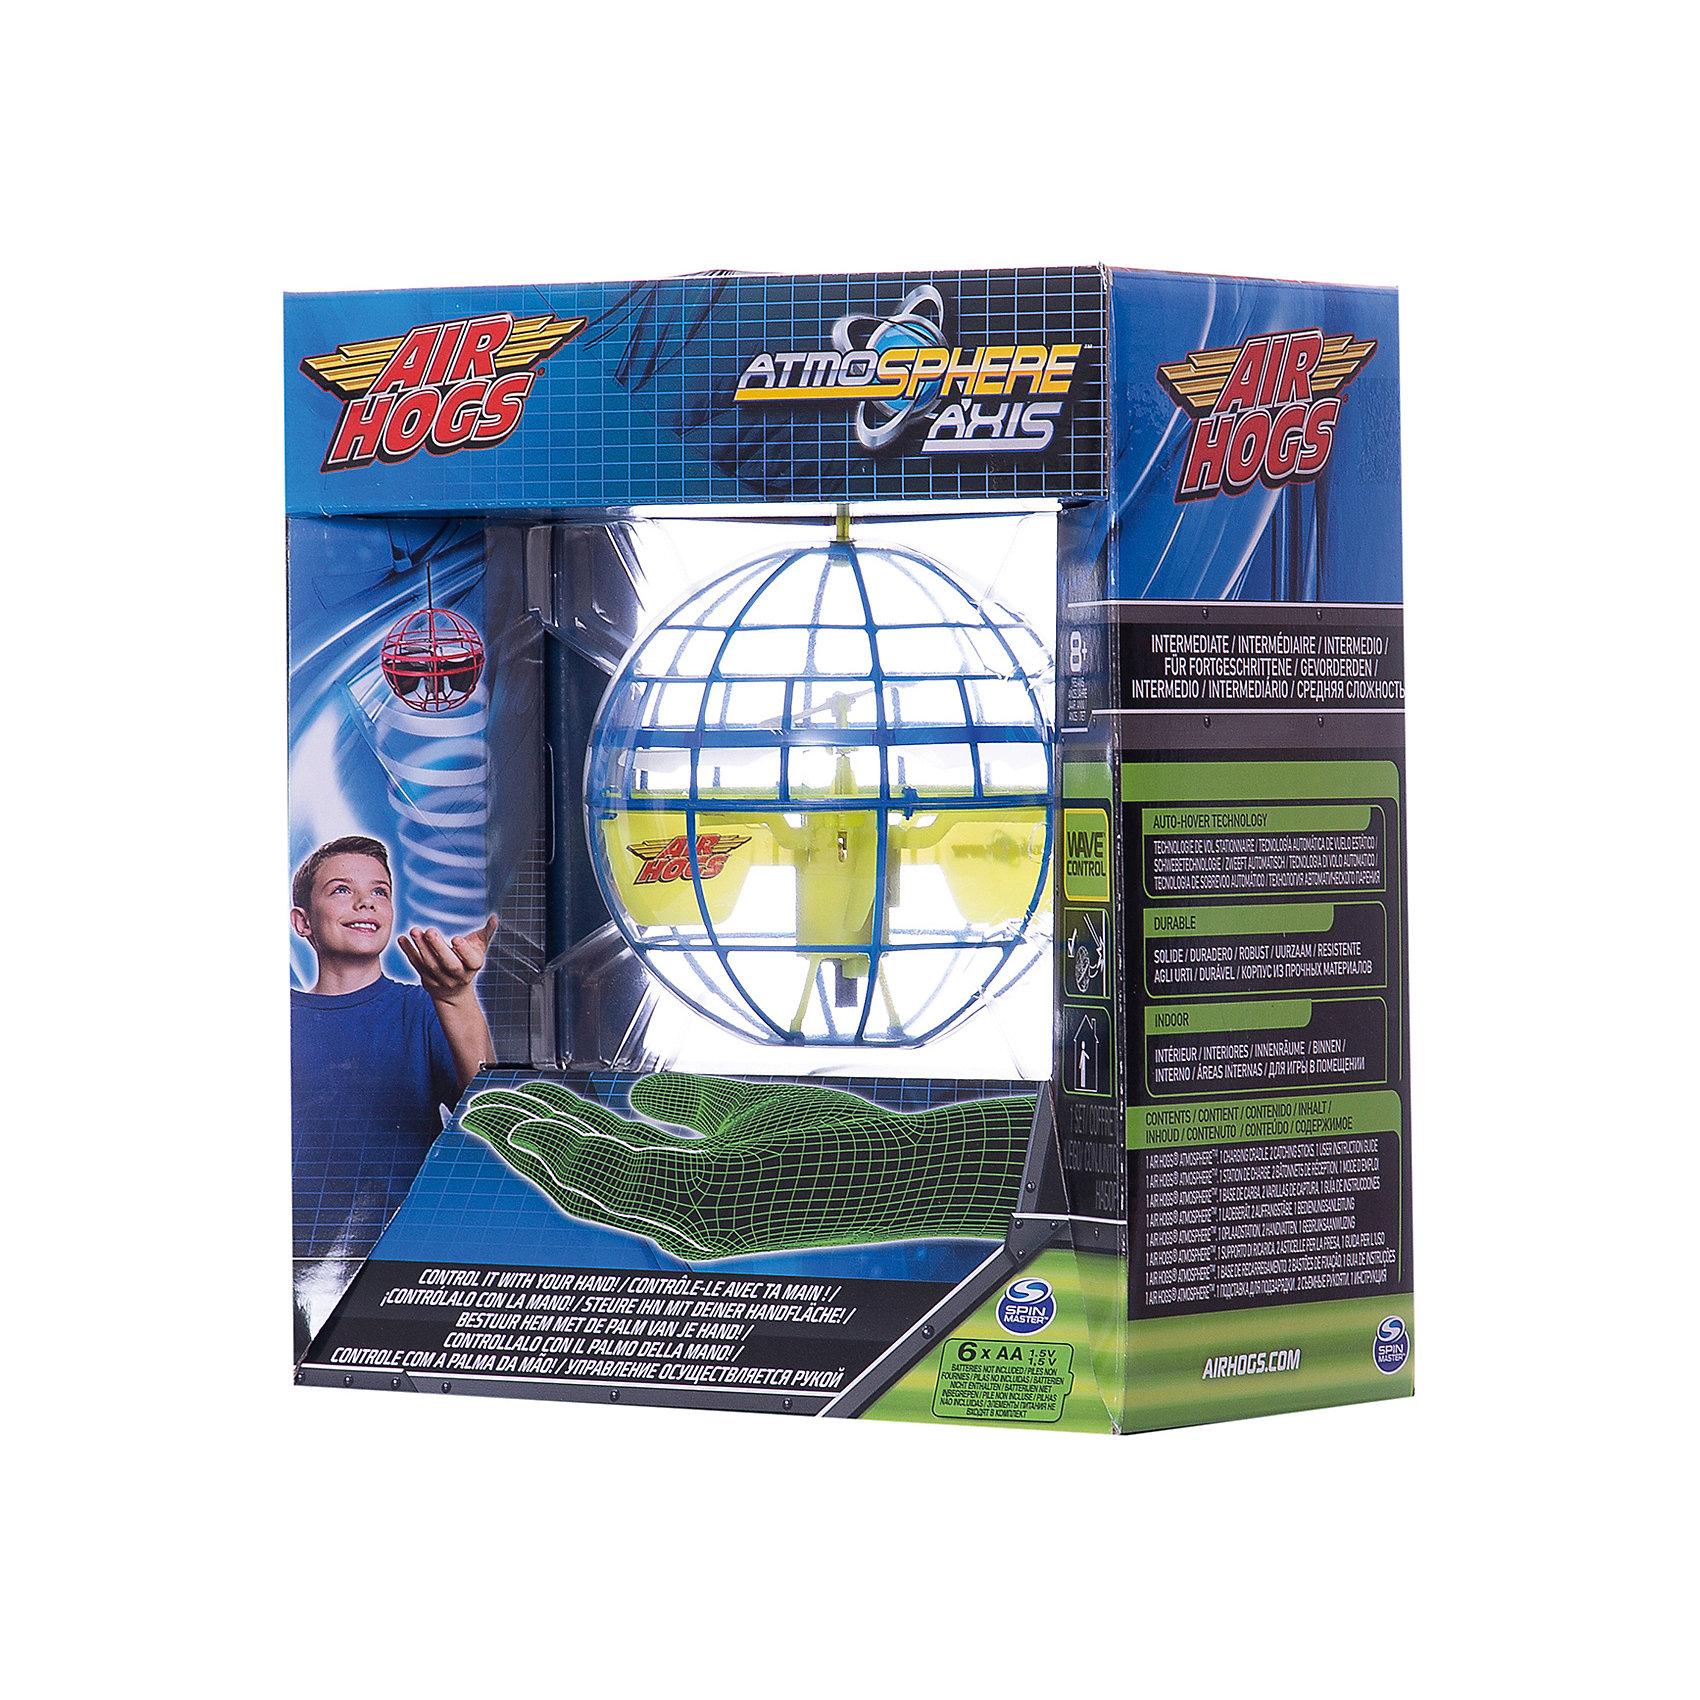 Игрушка НЛО Летающий шар, сине-жёлтый, AIR HOGSХарактеристики:<br><br>• световые эффекты – подсветка шара;<br>• наличие сенсоров;<br>• ударопрочный шар, не разбивается при падении;<br>• для подзарядки шара используется подставка-база;<br>• тип батареек: 6 шт. типа АА;<br>• батарейки в комплект не входят;<br>• комплектация: летающий шар, зарядное устройство;<br>• размер упаковки: 30х23х13 см.<br><br>НЛО Летающий шар сферической формы оснащен сенсорами. Шар можно перебрасывать друг другу, при столкновении с препятствием шар отталкивается от поверхности и меняет траекторию движения. <br><br>Игрушка НЛО Летающий шар, сине-желтый, AIR HOGS можно купить в нашем магазине.<br><br>Ширина мм: 300<br>Глубина мм: 230<br>Высота мм: 130<br>Вес г: 419<br>Возраст от месяцев: 36<br>Возраст до месяцев: 2147483647<br>Пол: Мужской<br>Возраст: Детский<br>SKU: 5255004